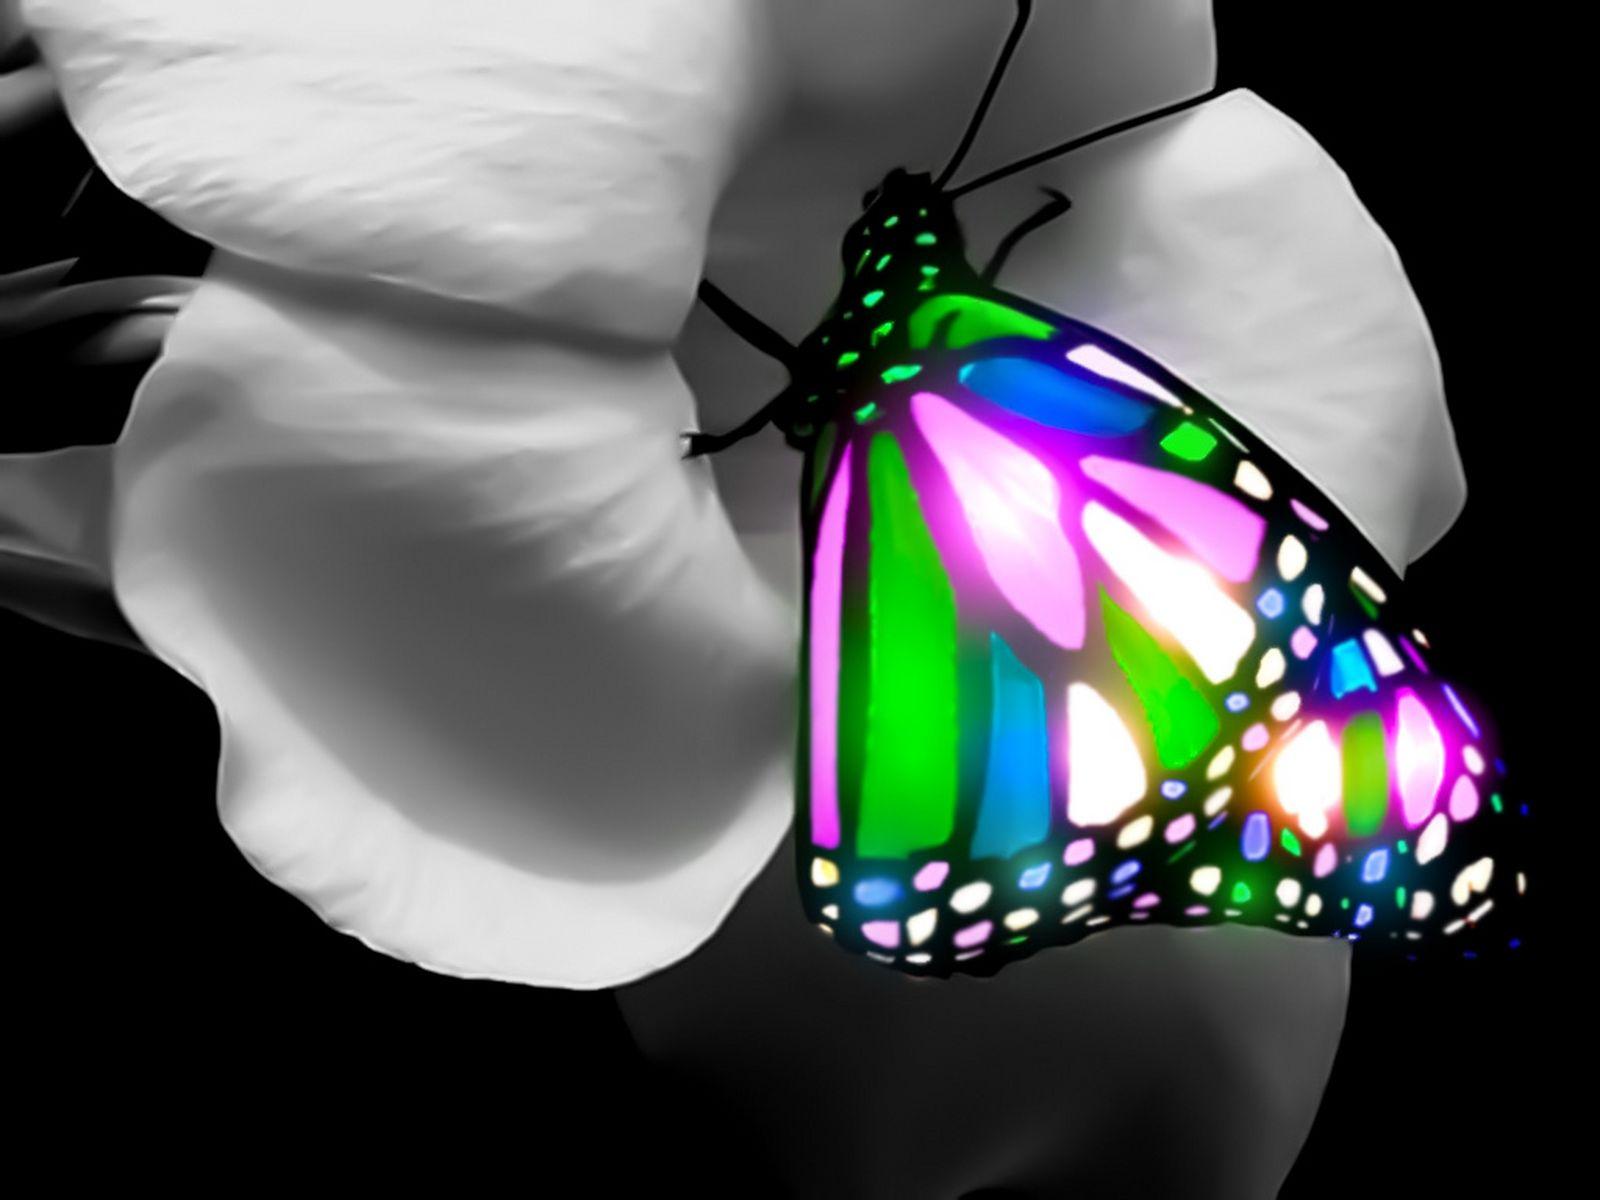 Miscellaneous Glowing Butterfly desktop wallpaper nr 59296 by 1600x1200